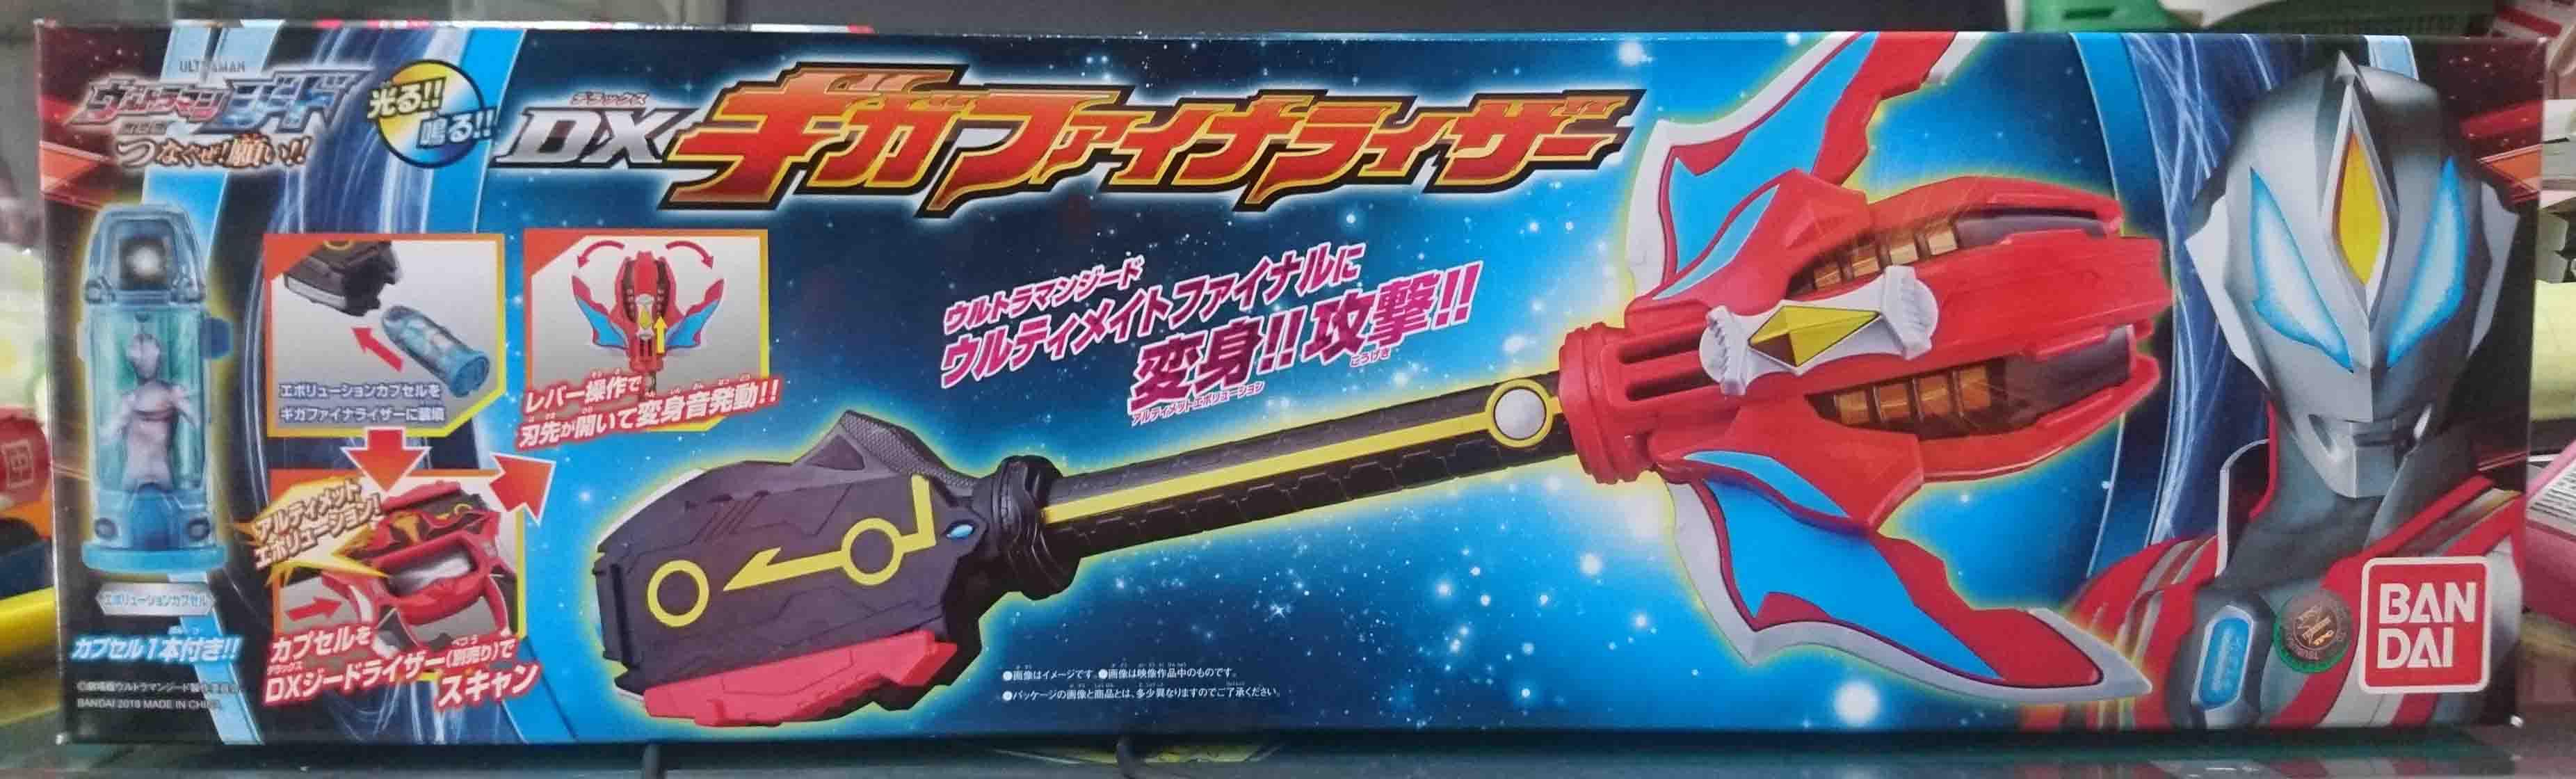 DX GIGA 終結必殺器 ,益祥模型玩具外盒實拍照片。